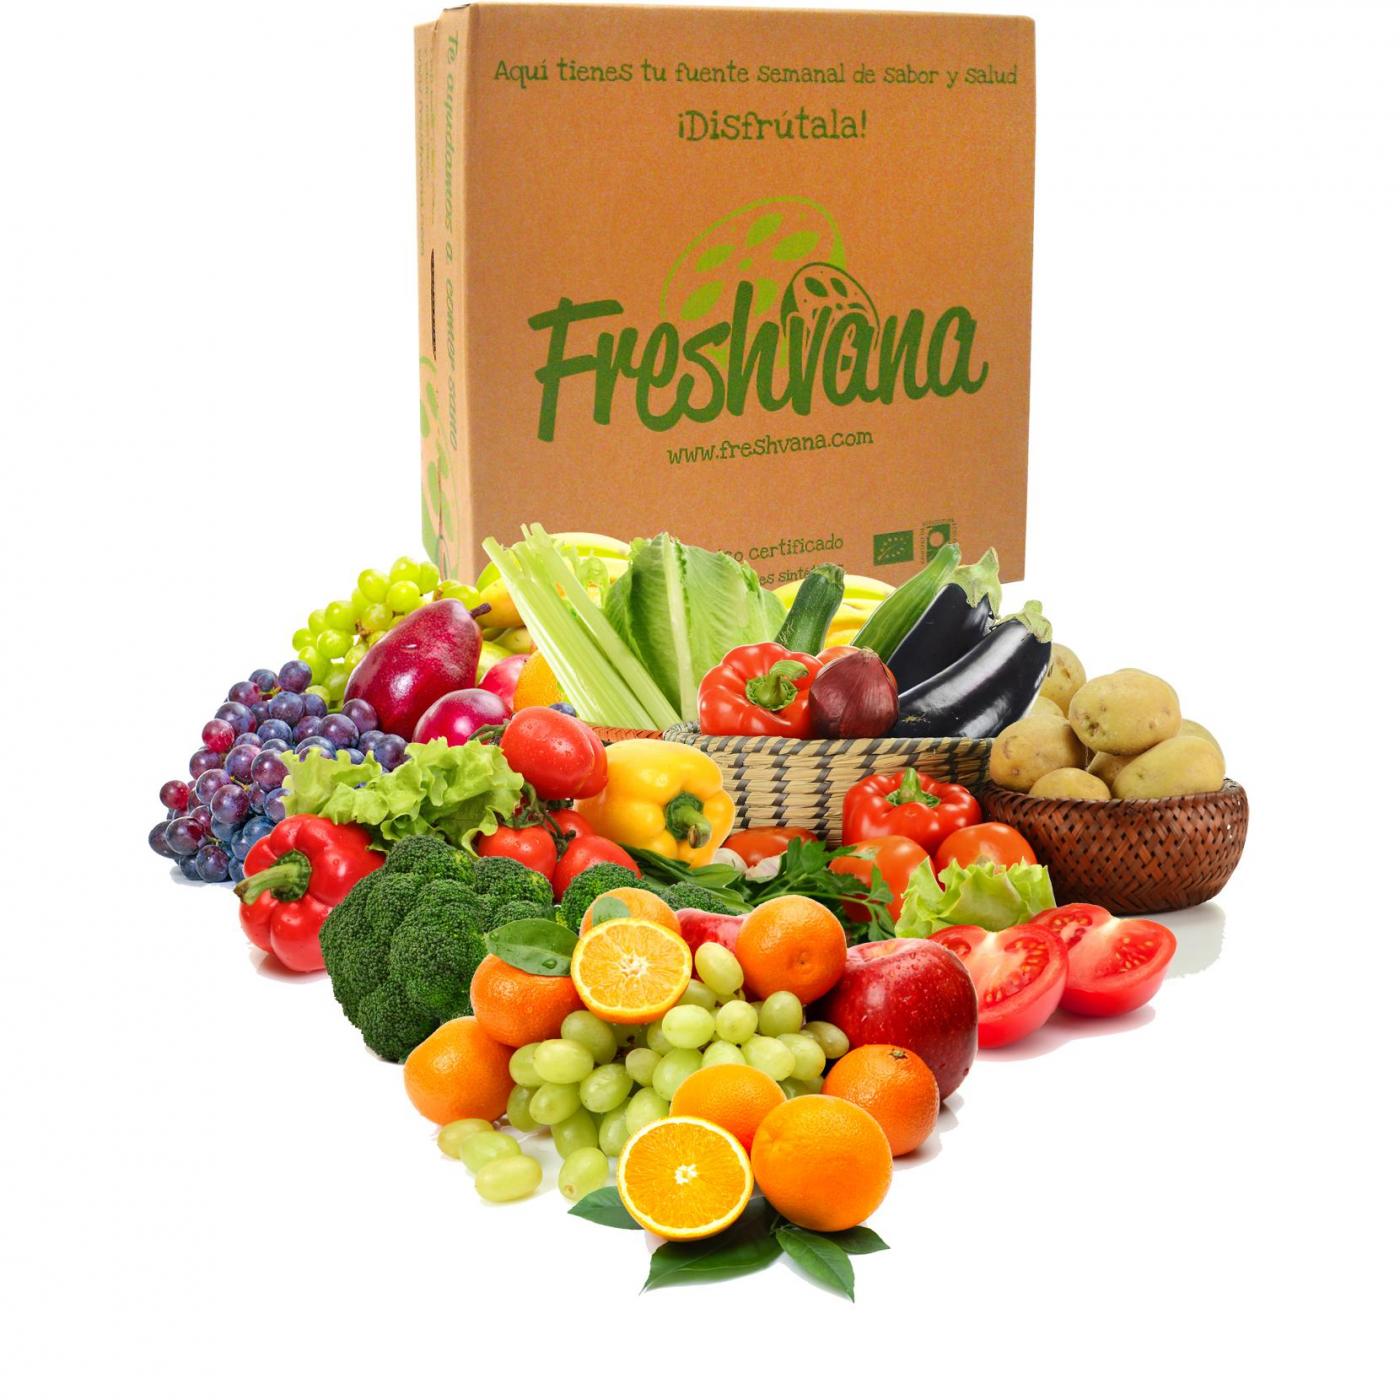 Caja de fruta y verdura ecol gica por 21 99 en planeta - Comprar cajas de fruta ...